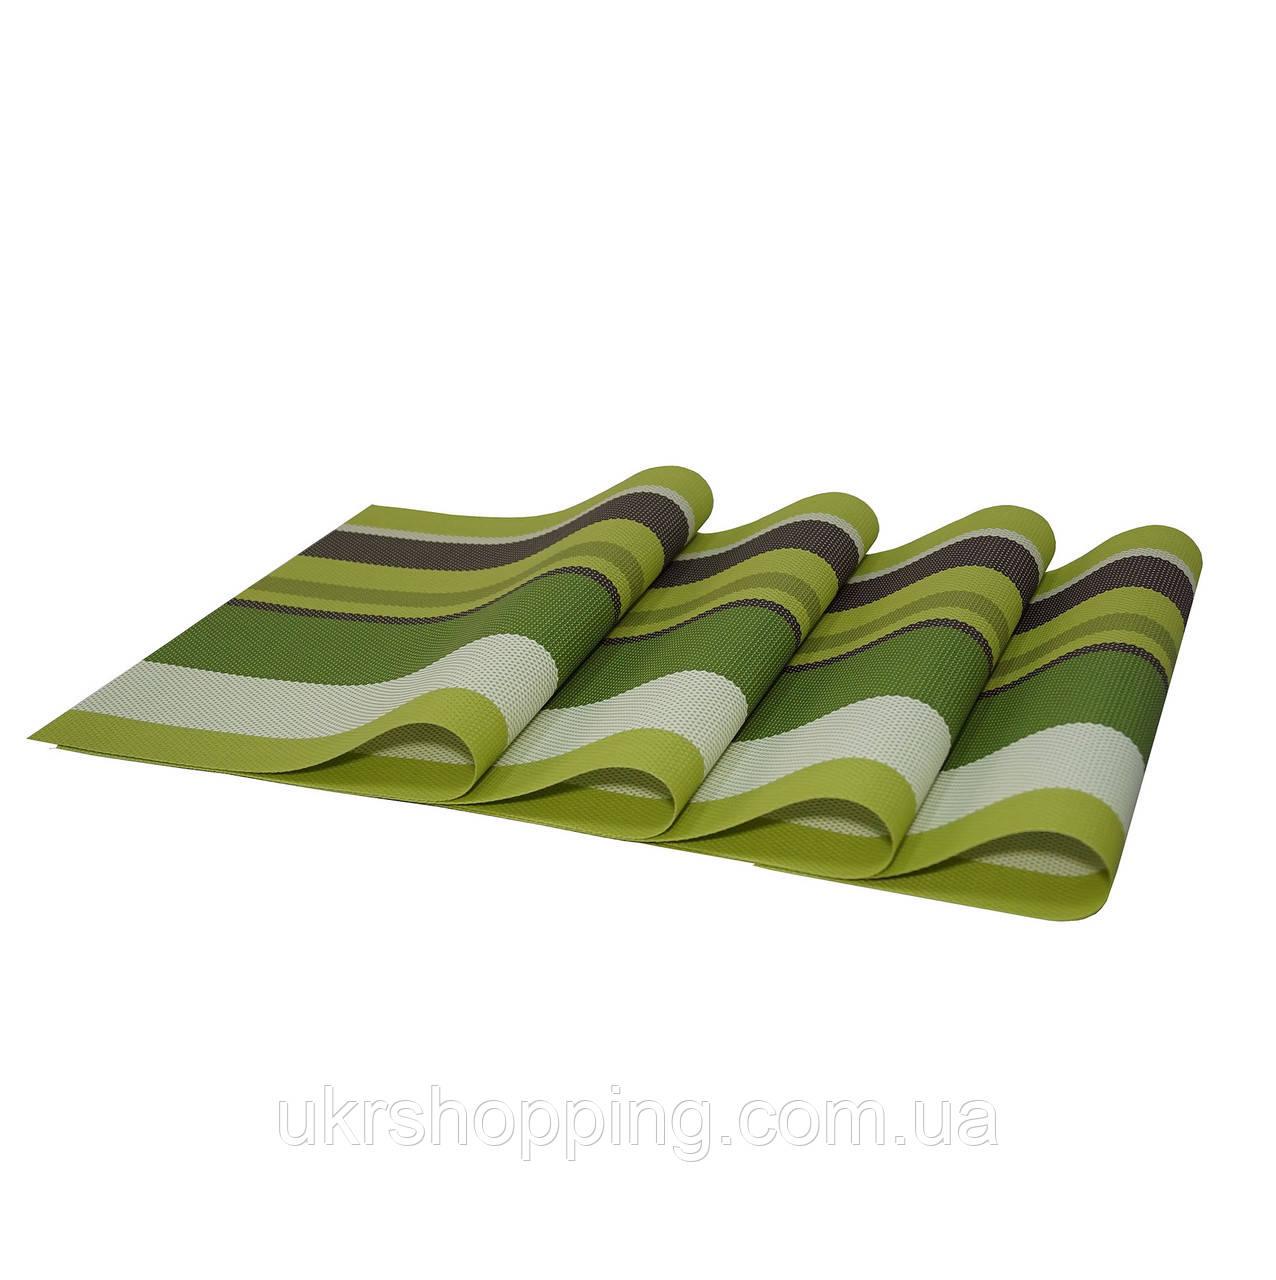 Коврики под тарелки, сервировочные, подставки под горячее, 4 шт., цвет - Салатово-зеленый